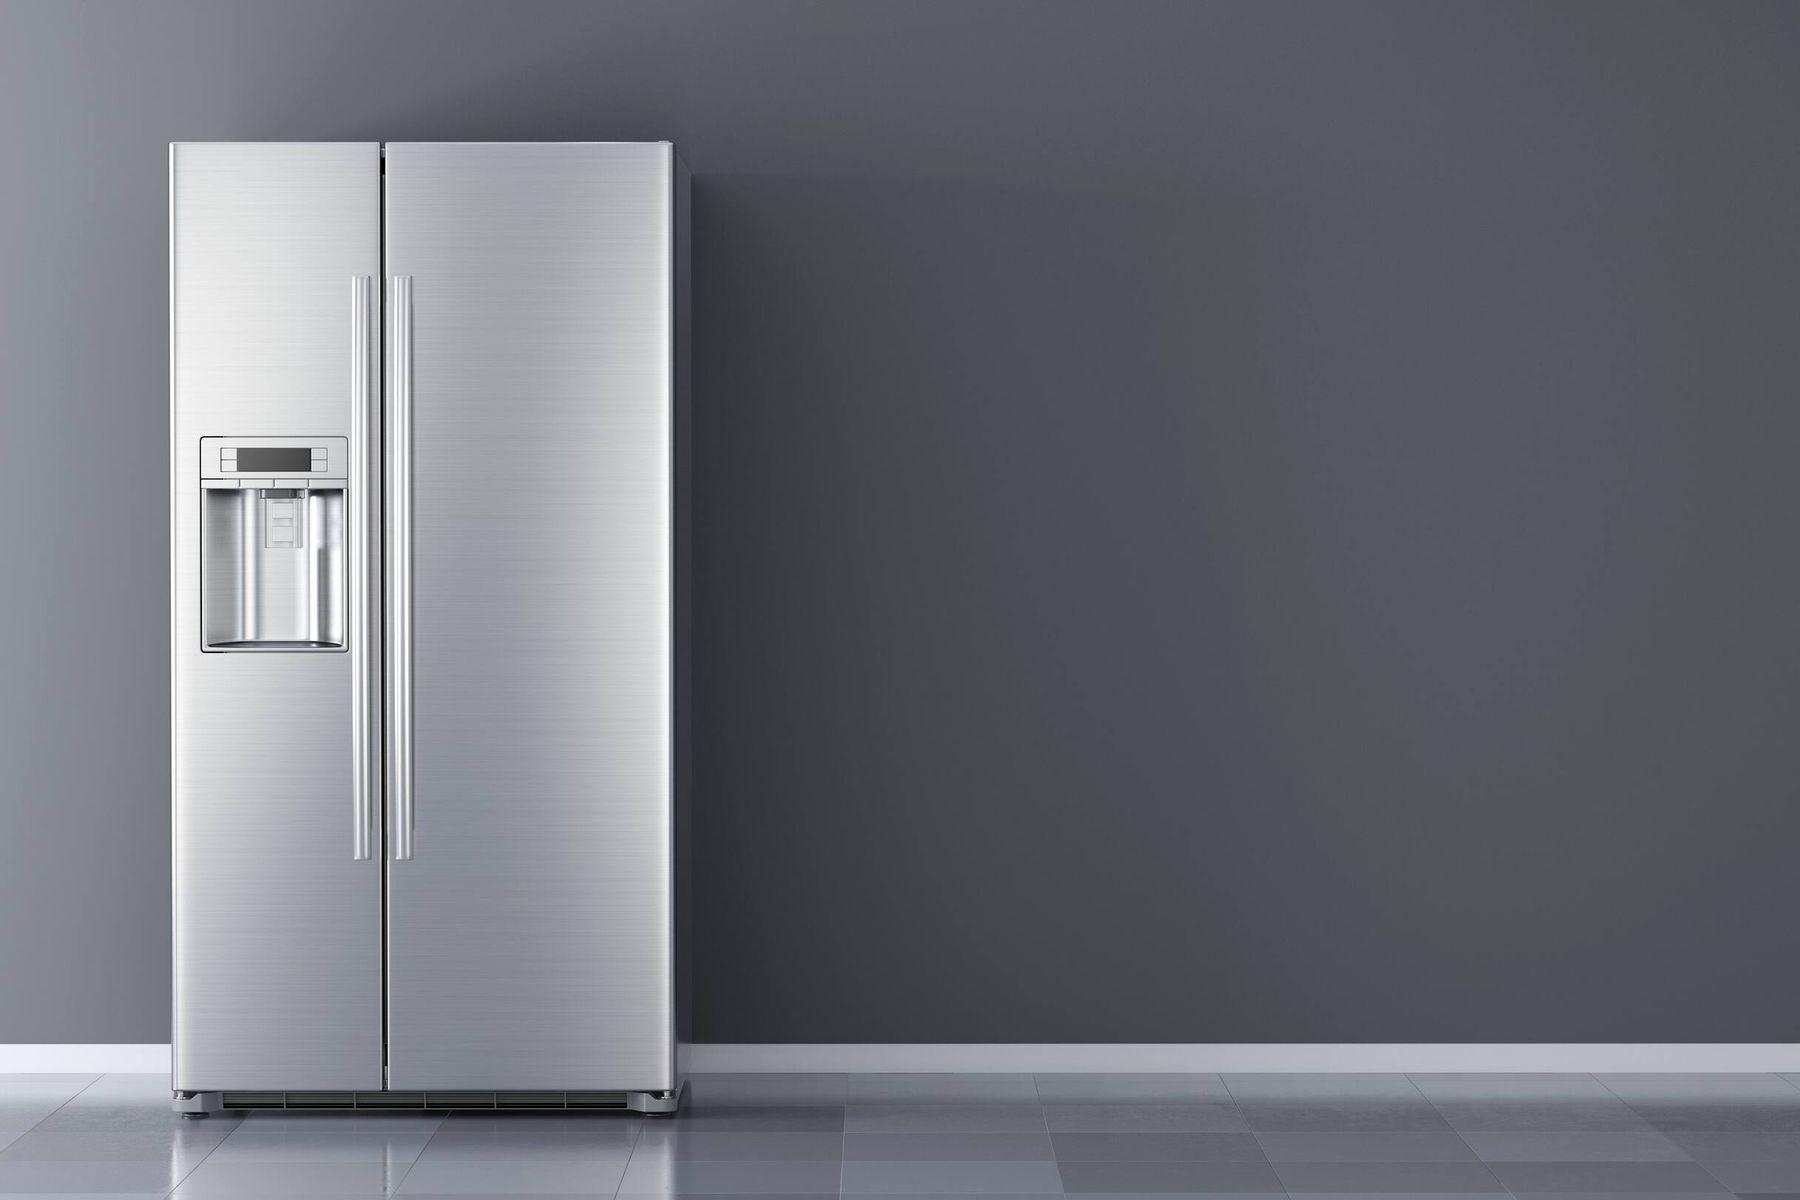 तैलीय हो गई है फ़्रिज की बाहरी सतह? यूं होगी सफ़ाई की फ़तह!